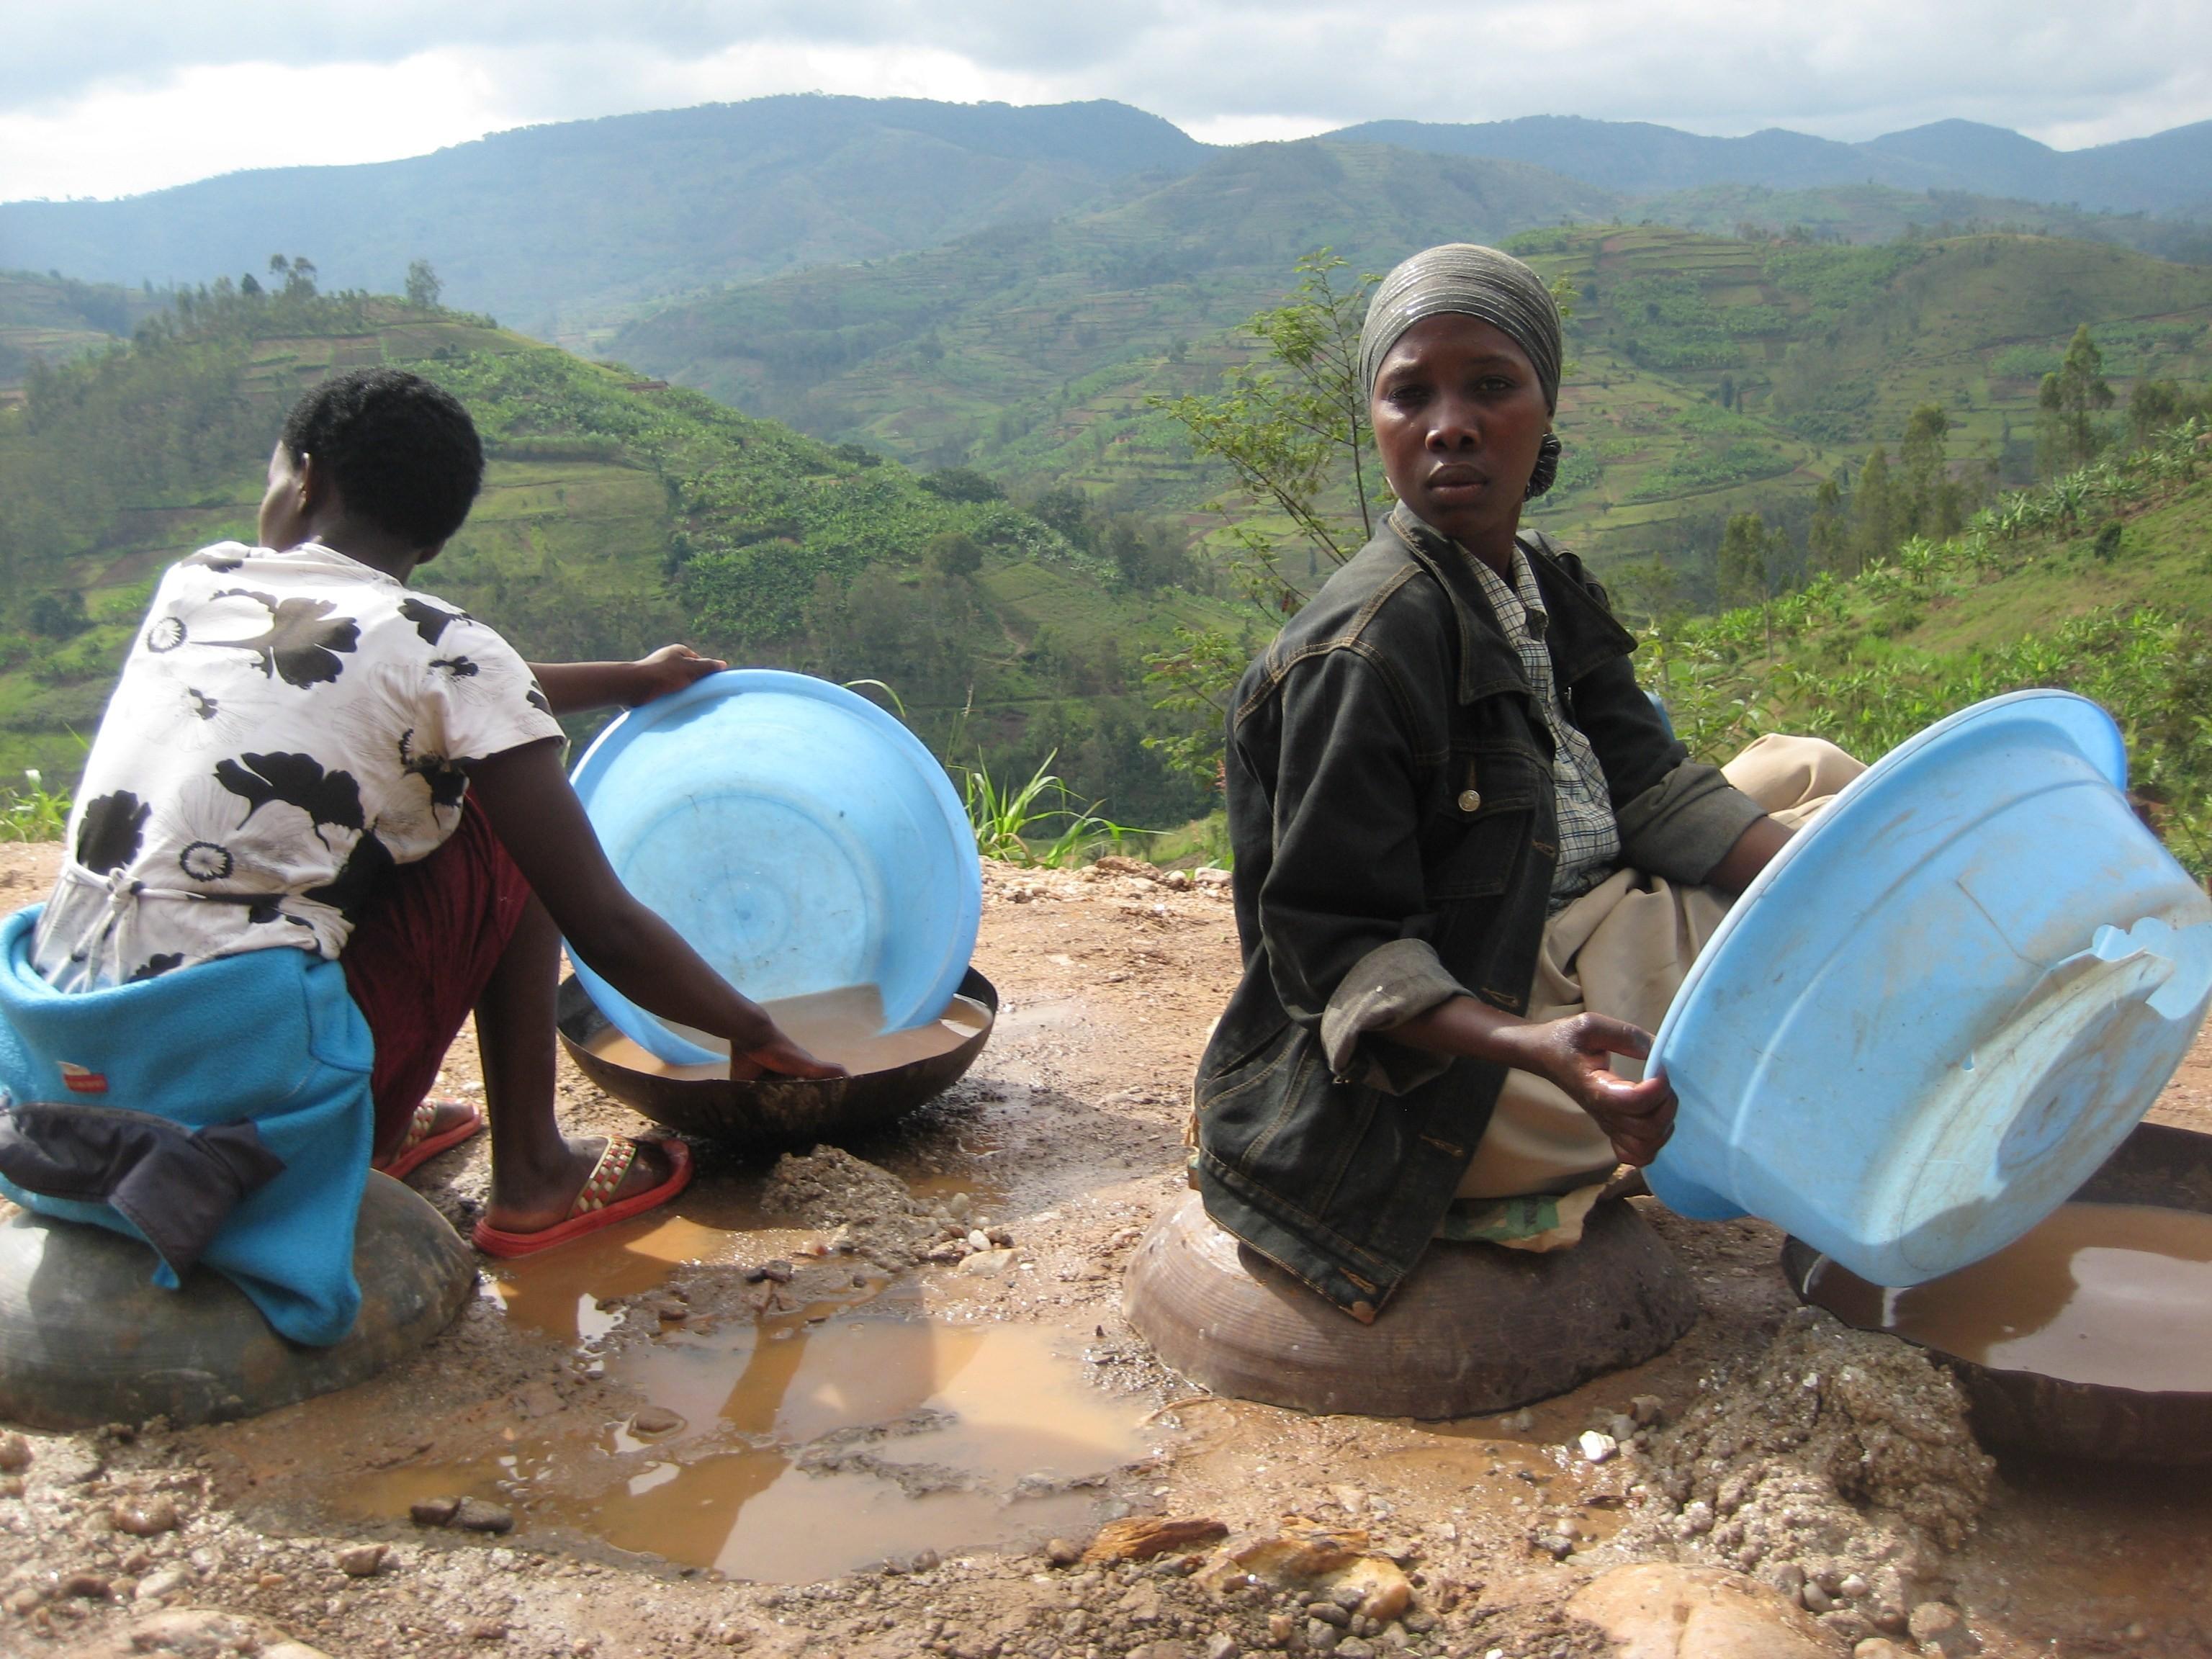 Arbeiter waschen in in Ruanda Coltan-Erz aus, das in Kondensatoren für Digitalkameras und Spielkonsolen, für Laptops, Flachbildschirme und Mobiltelefone genutzt wird.